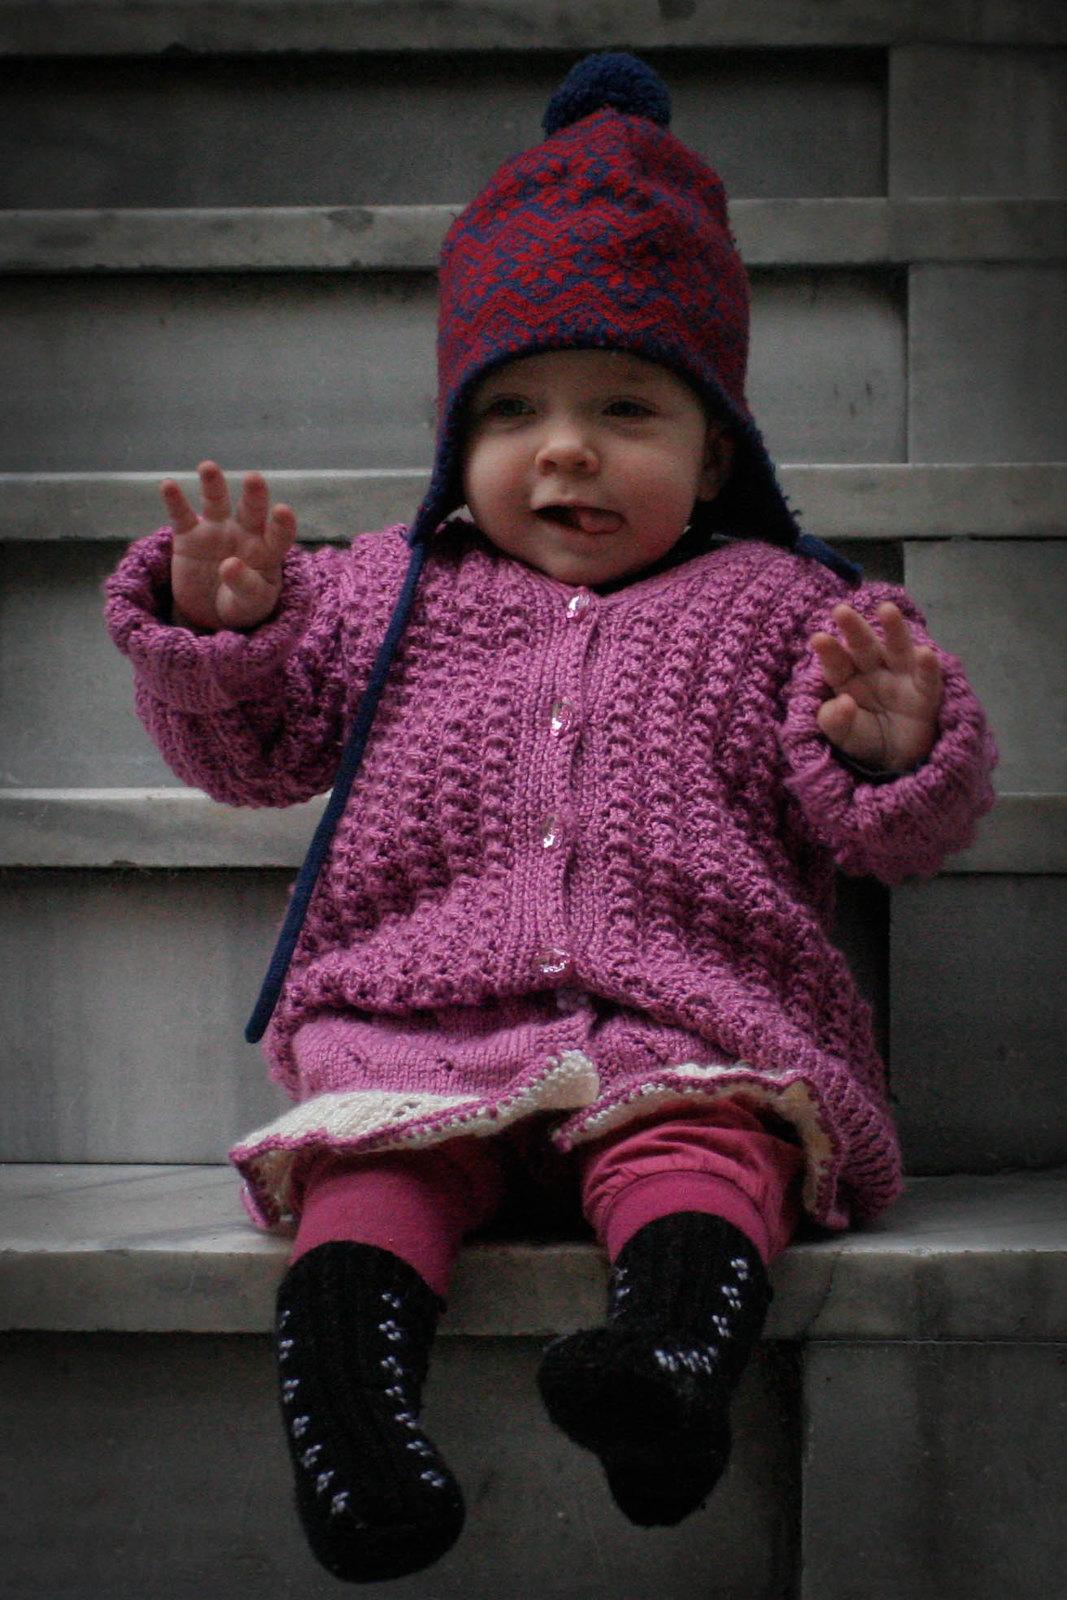 Neve in knitwear